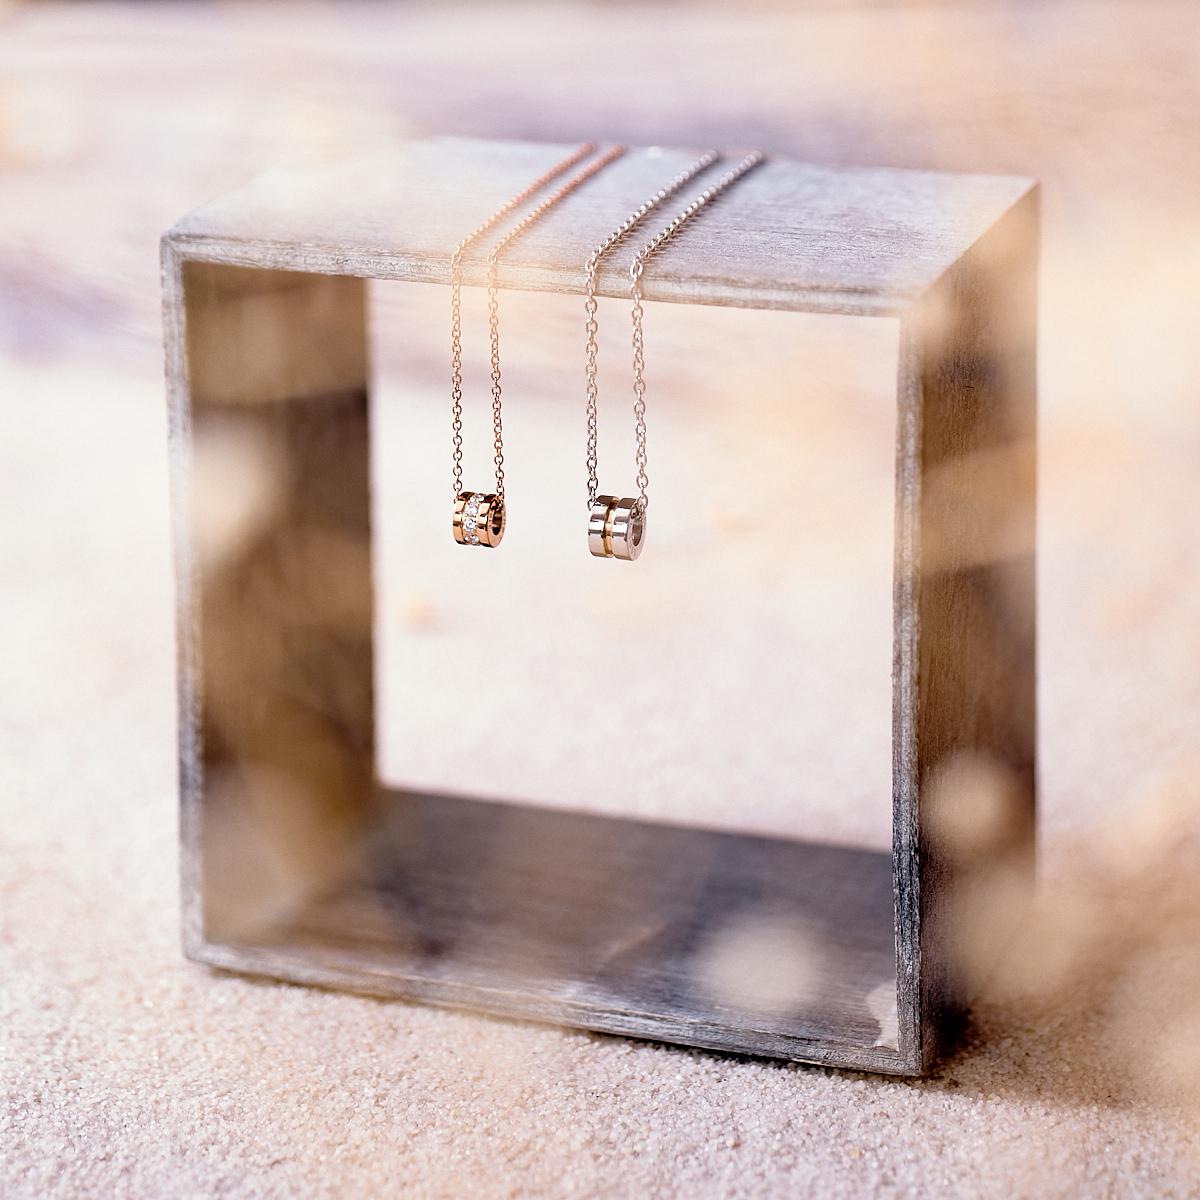 Lauss ペア ネックレス 小さめサイズにこだわった サークル・ライト ペアネックレス アレルギーフリー サージカルステンレス イニシャル彫刻 opp00051 conpact